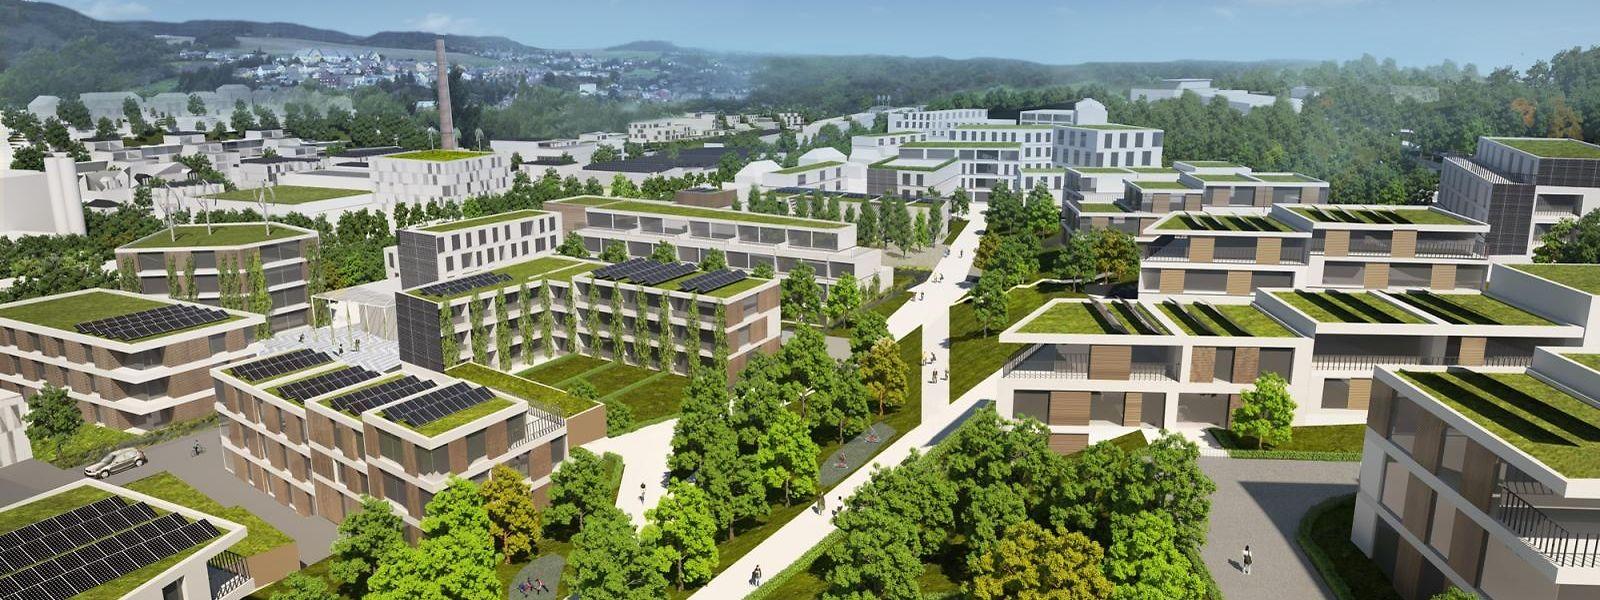 D'ici à 2030, ce sont 872 unités d'habitation, dont 833 gérées par le Fonds du logement, qui sortiront de terre dans le cadre du projet «Wunne mat der Wooltz».